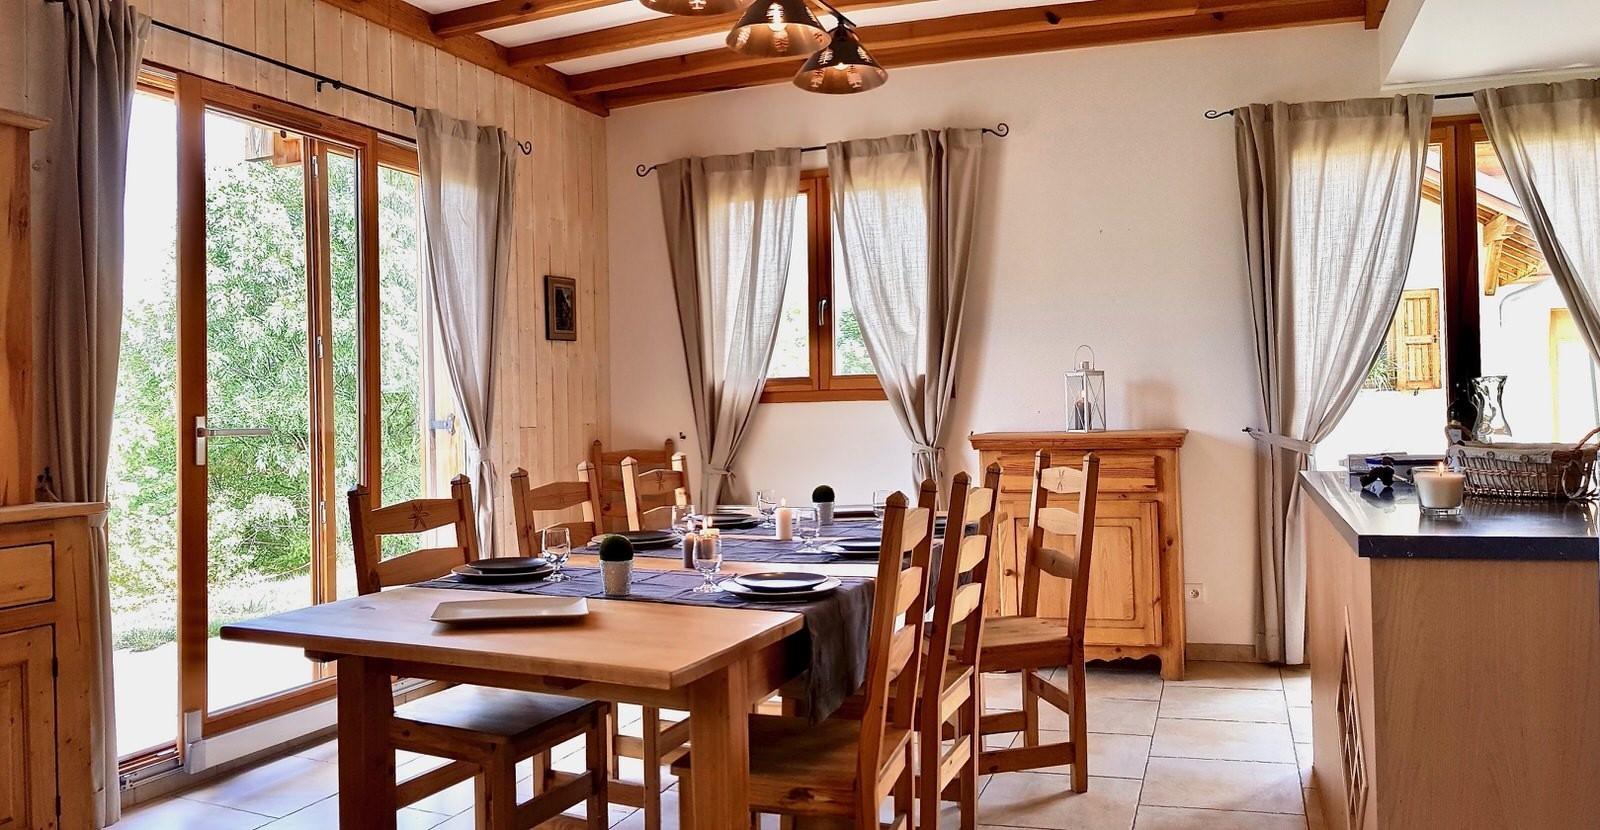 risoul-hebergement-chalet-les-balcon-sajour-12870